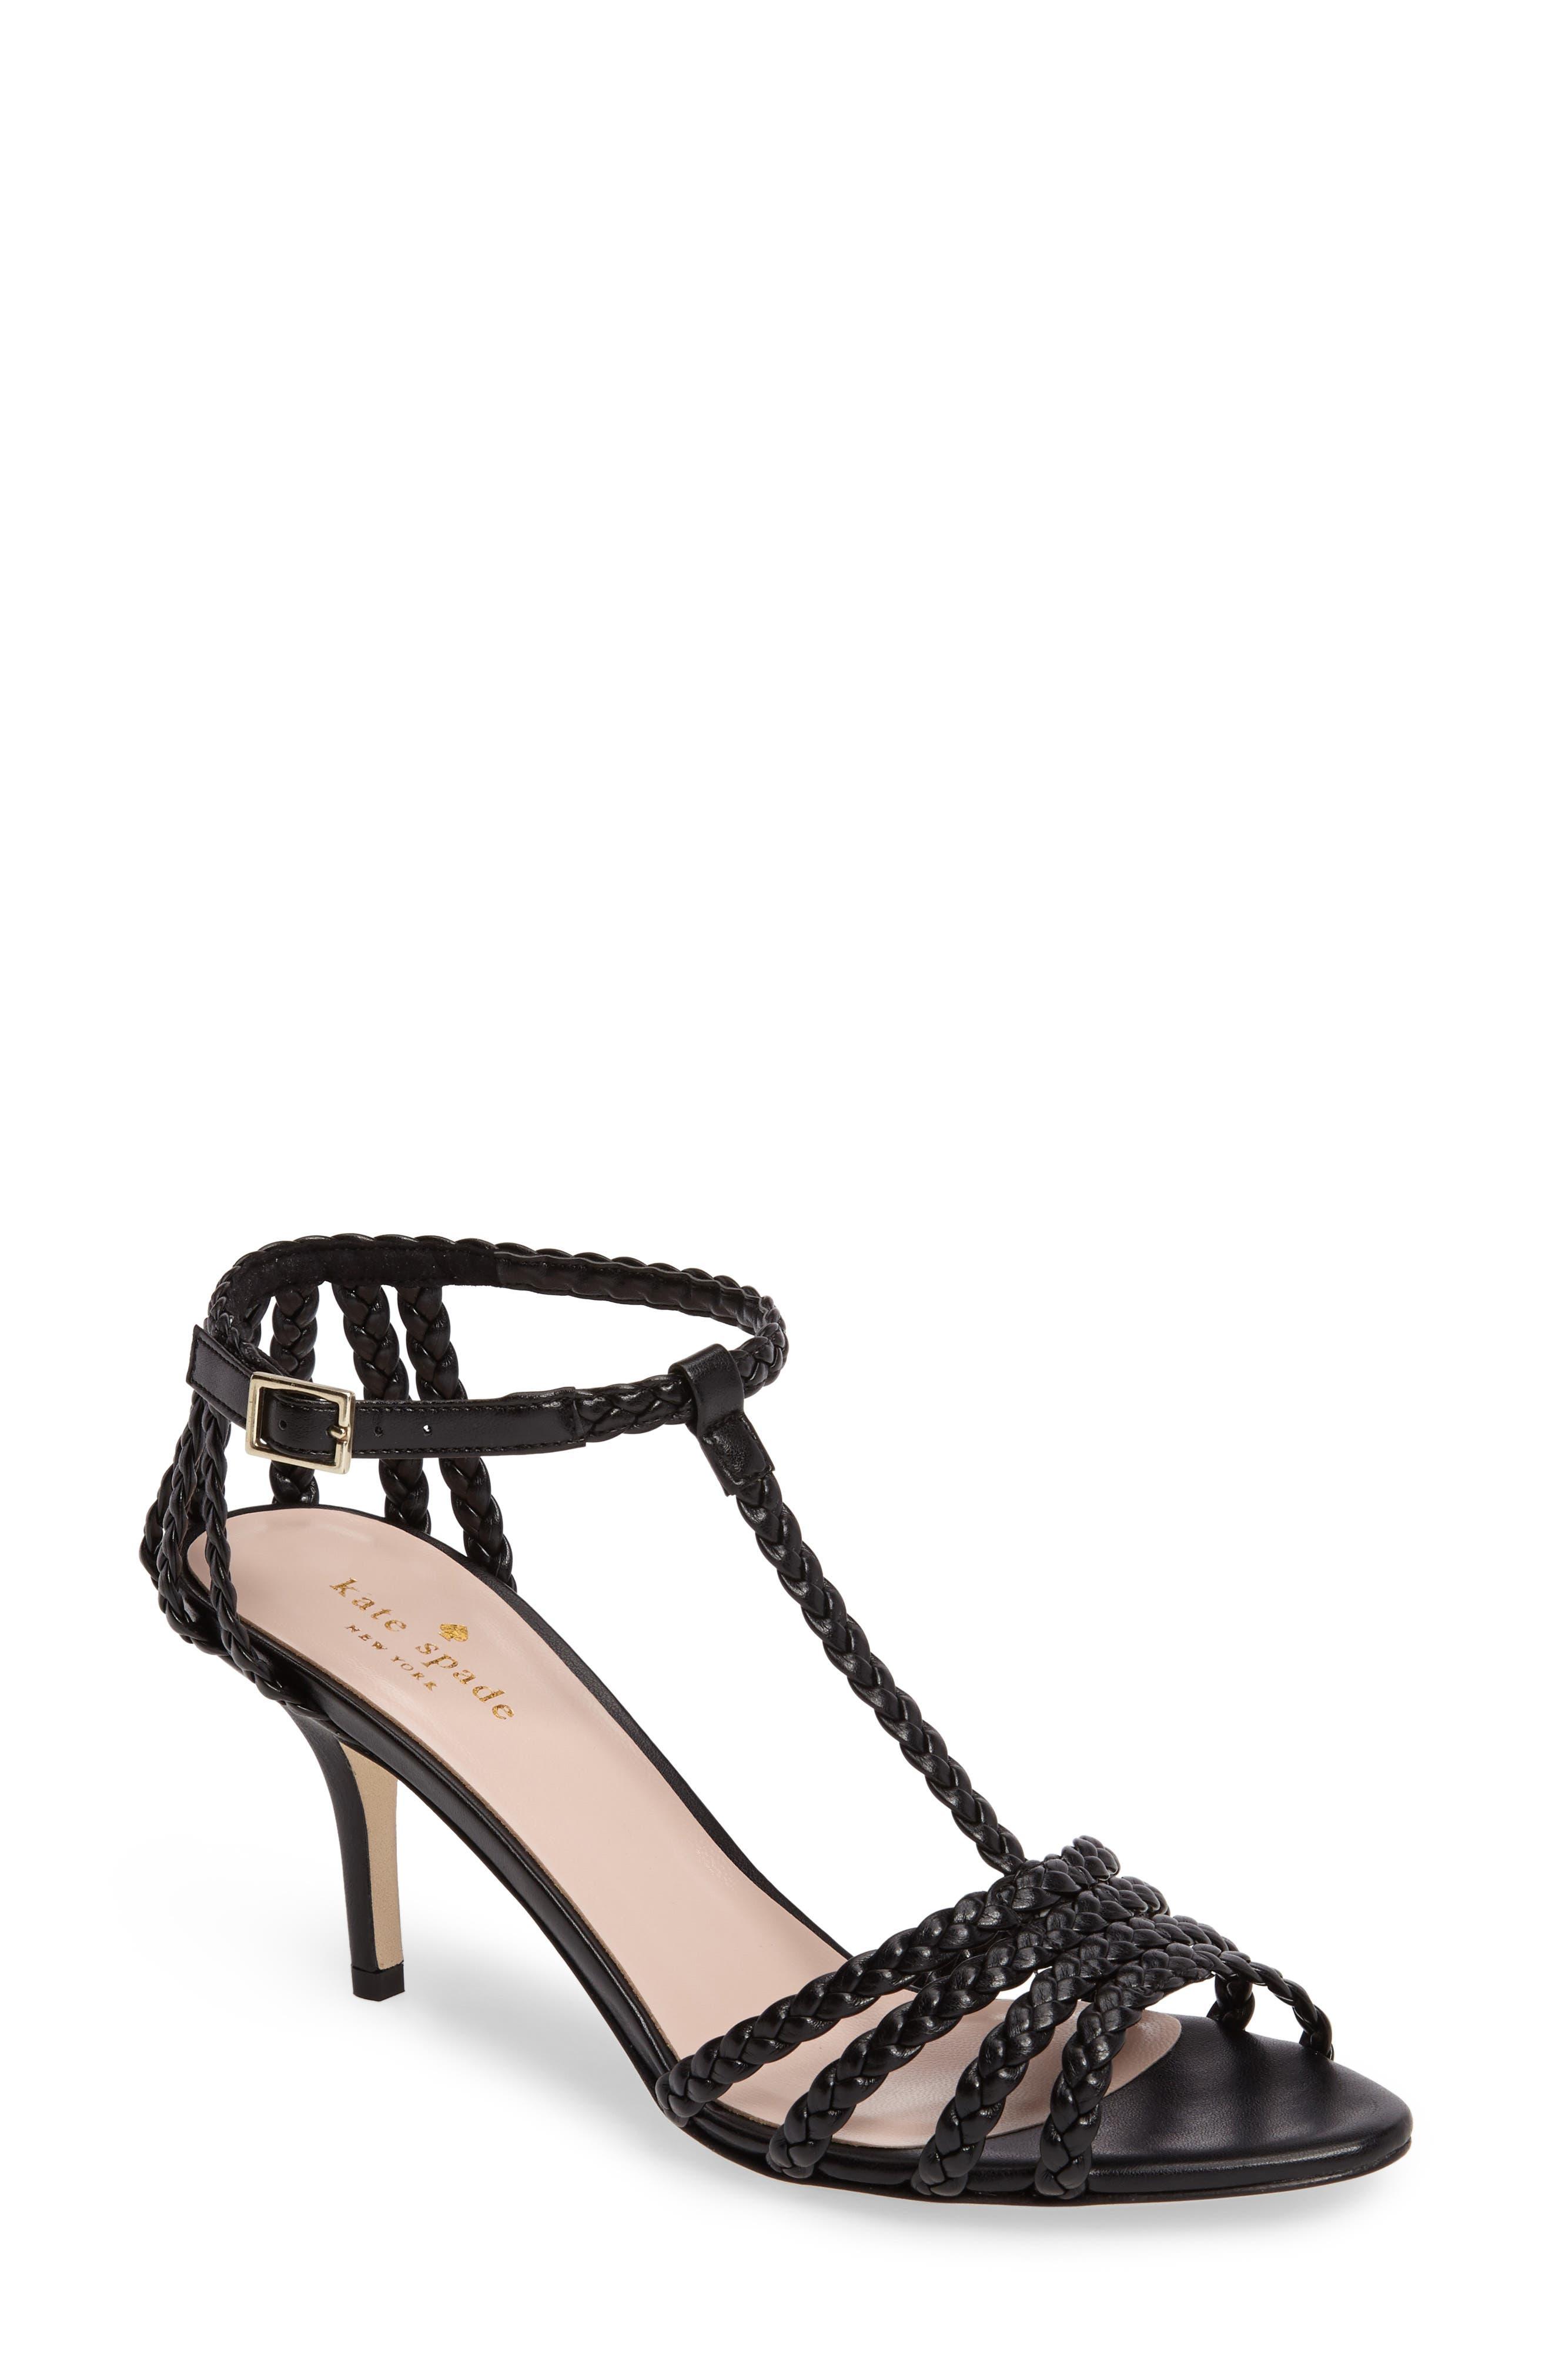 sullivan strappy sandal,                         Main,                         color, 001